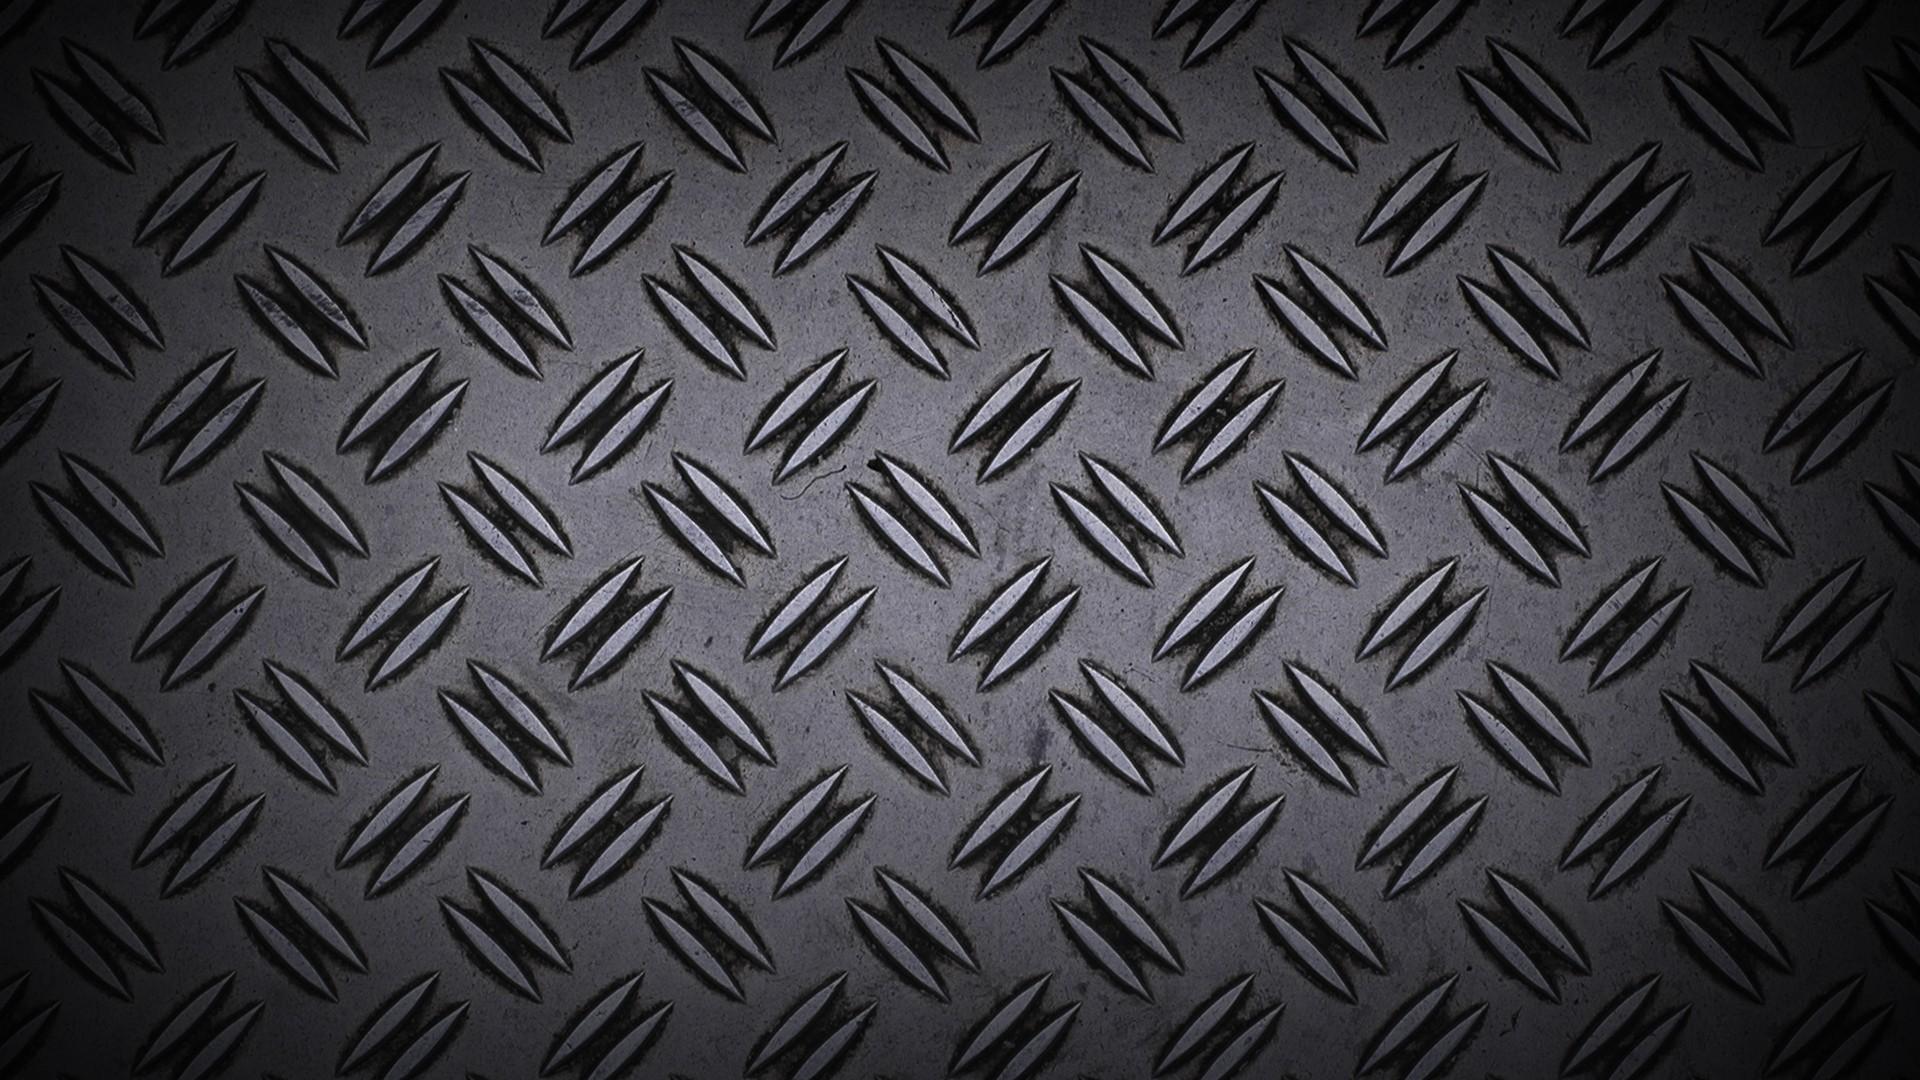 Metal Textures Wallpaper 1920x1080 Metal Textures 1920x1080